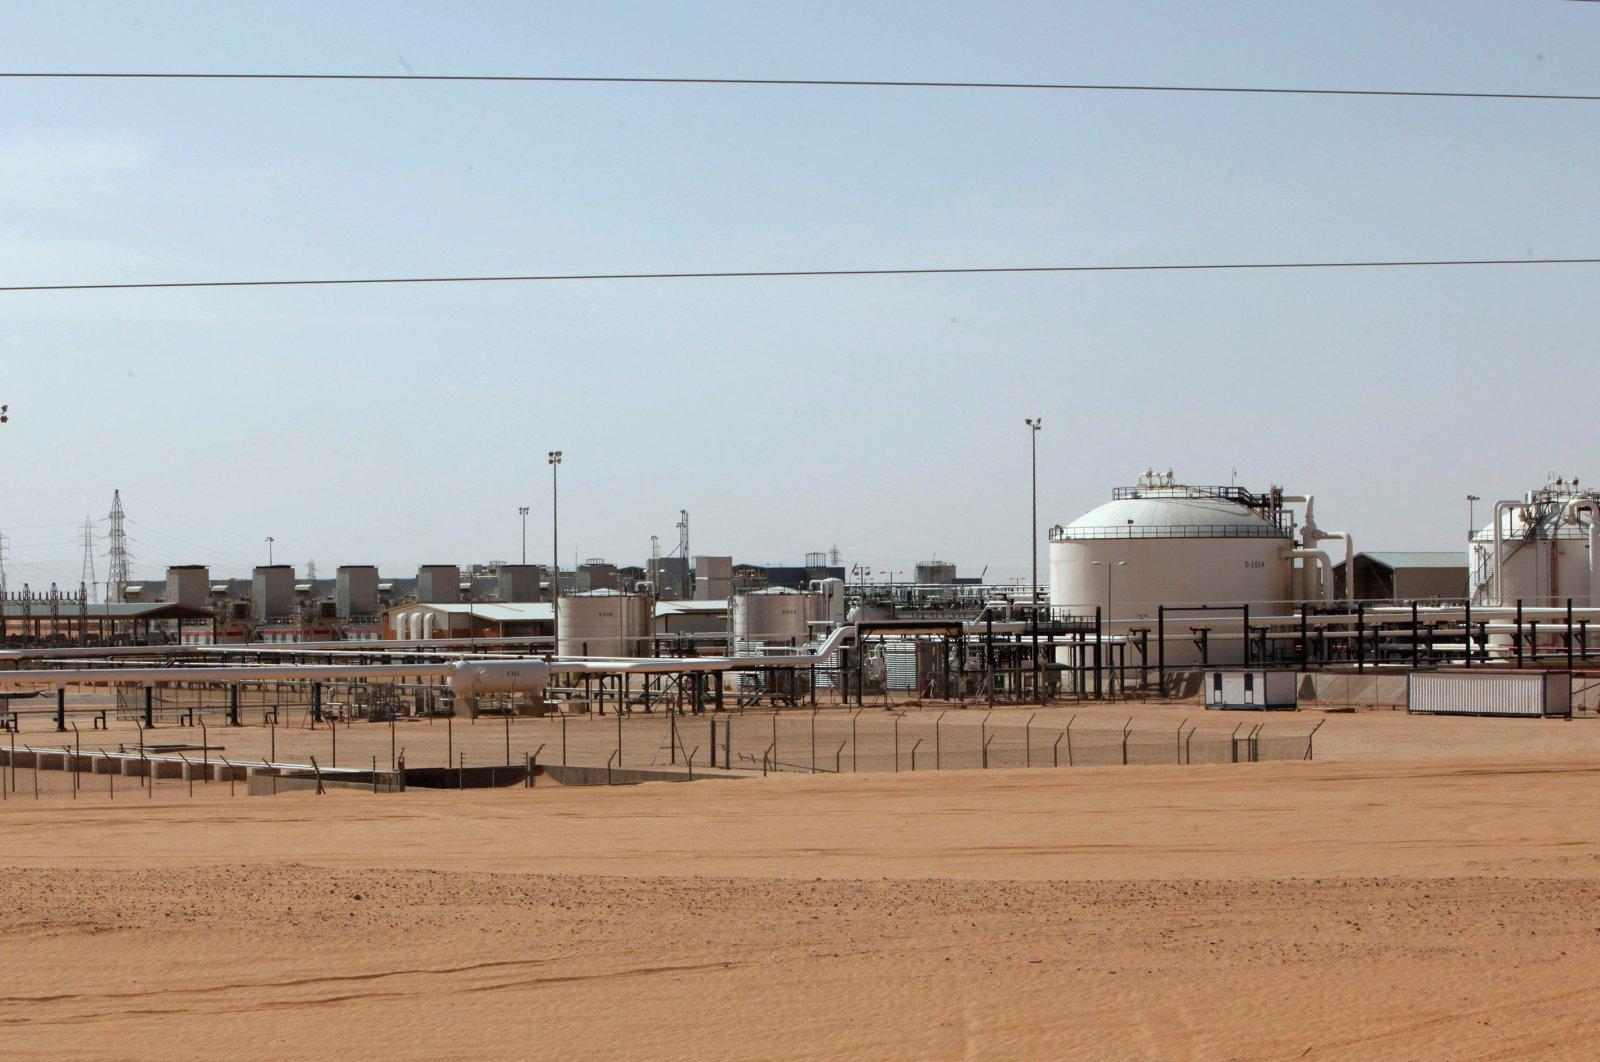 A general view of El Sharara oilfield in Libya, Dec. 3, 2014. (Reuters Photo)